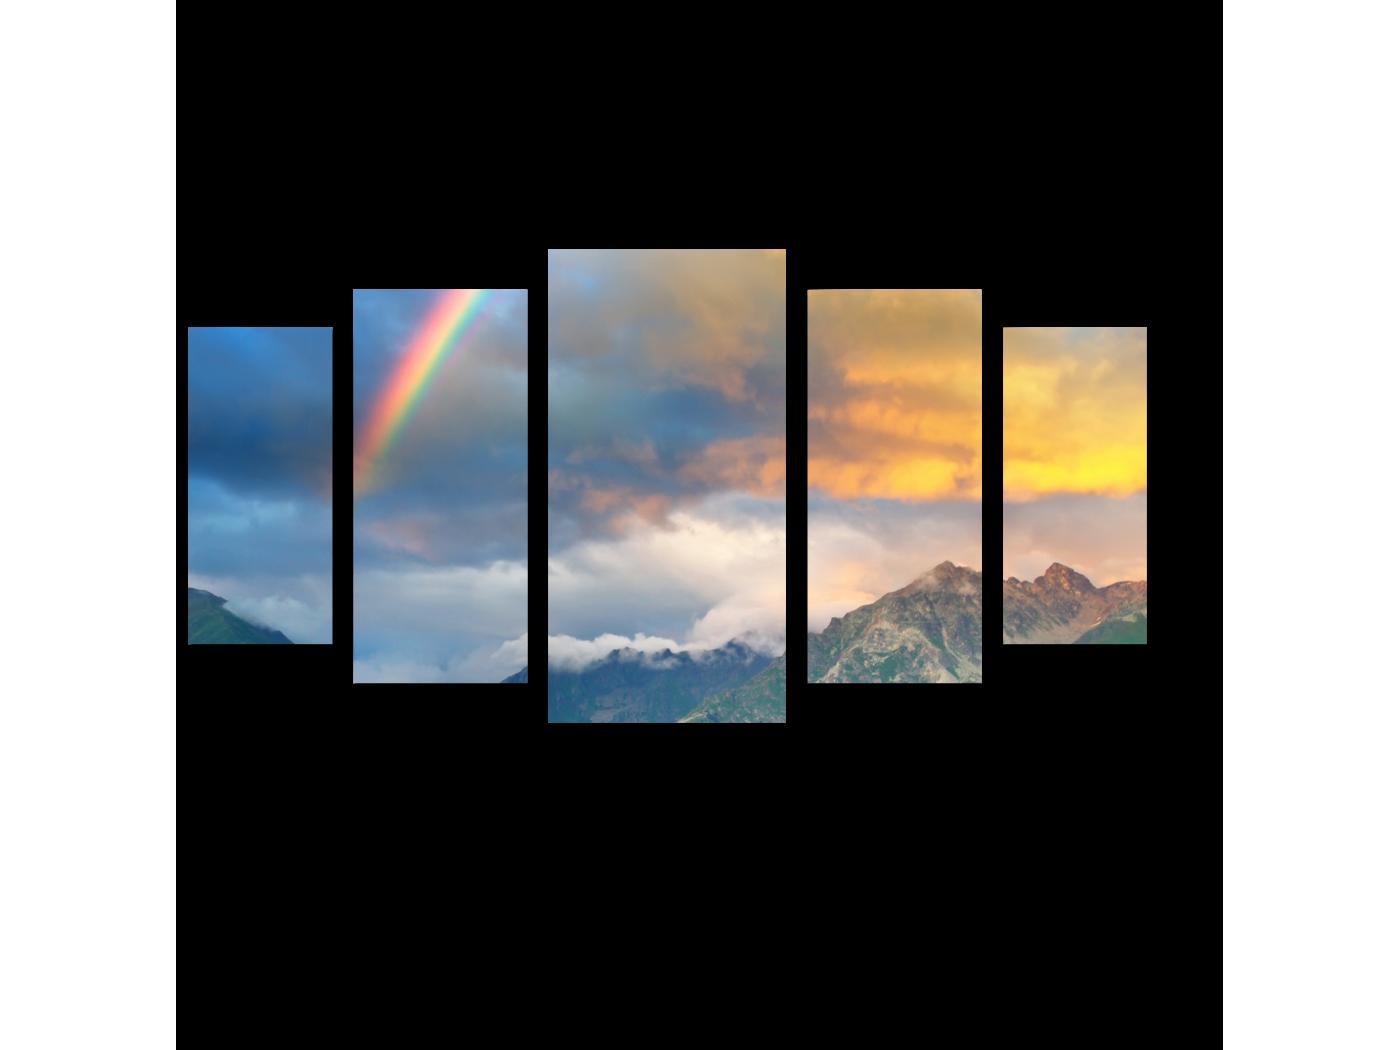 Модульная картина Радуга над горами (100x55) фото